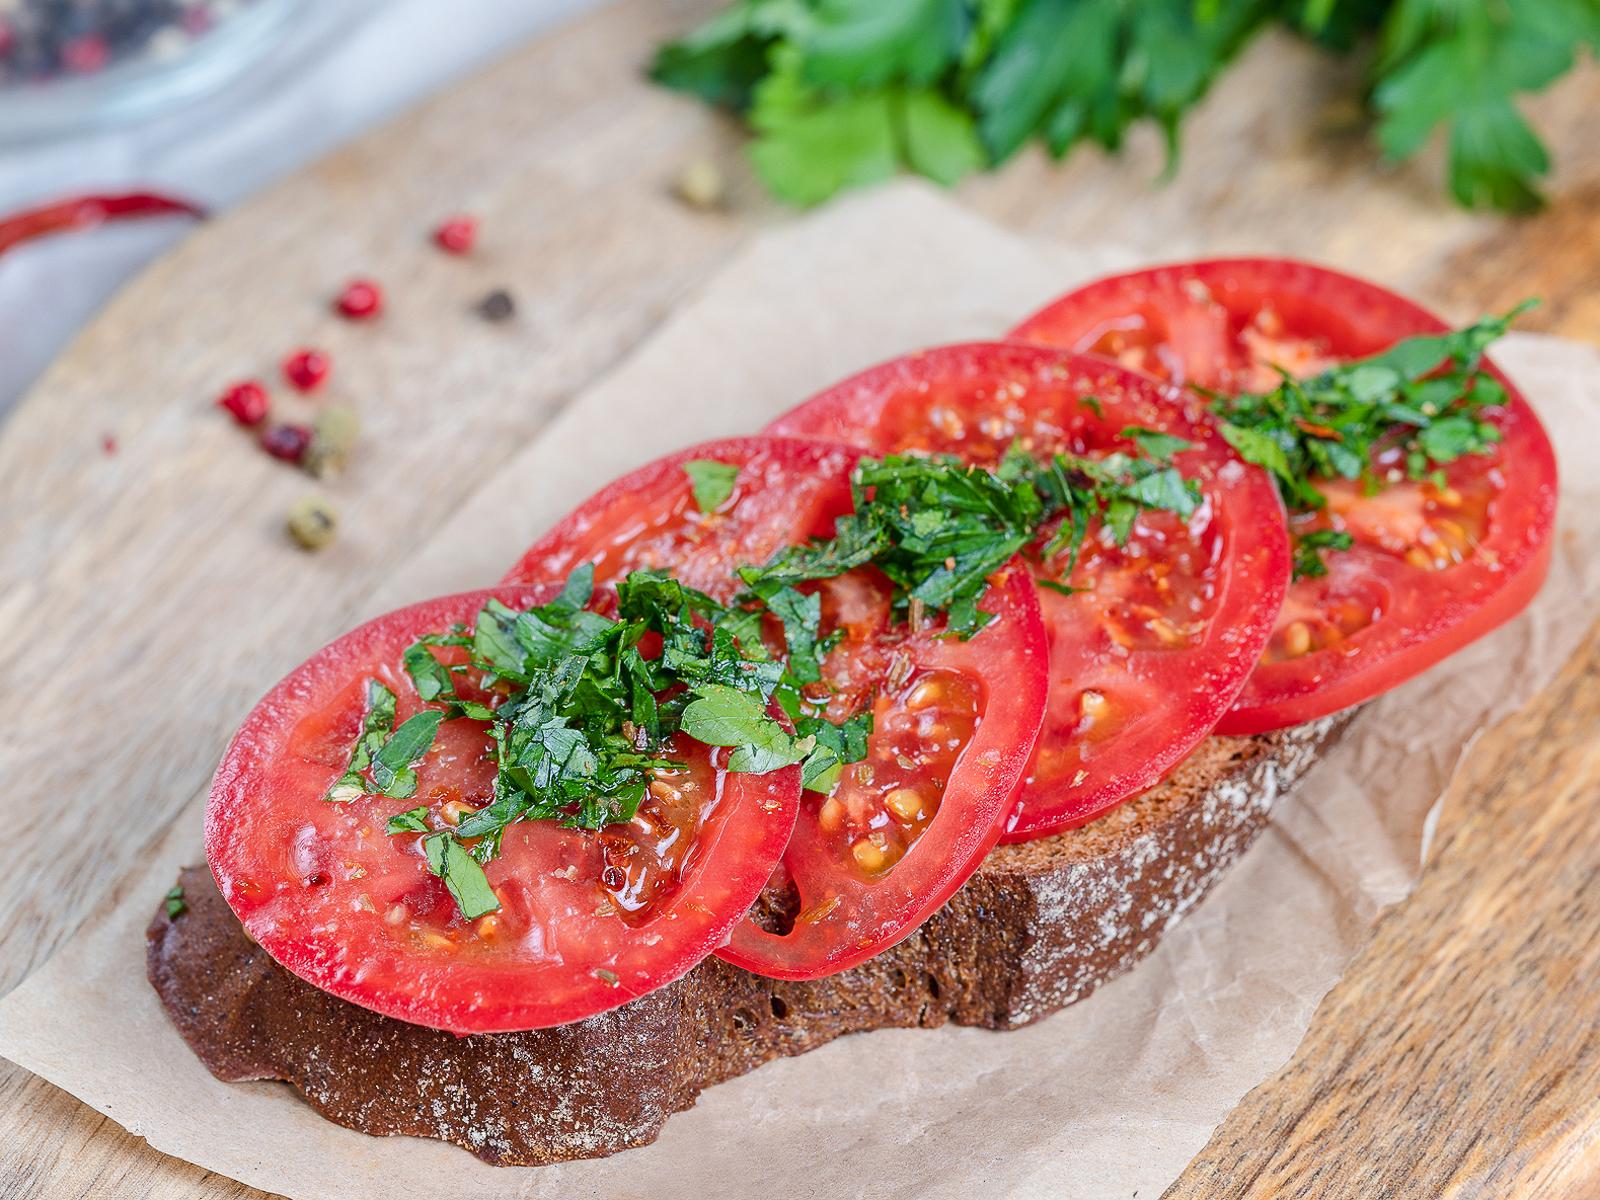 Бутерброд с томатами, зеленью и специями